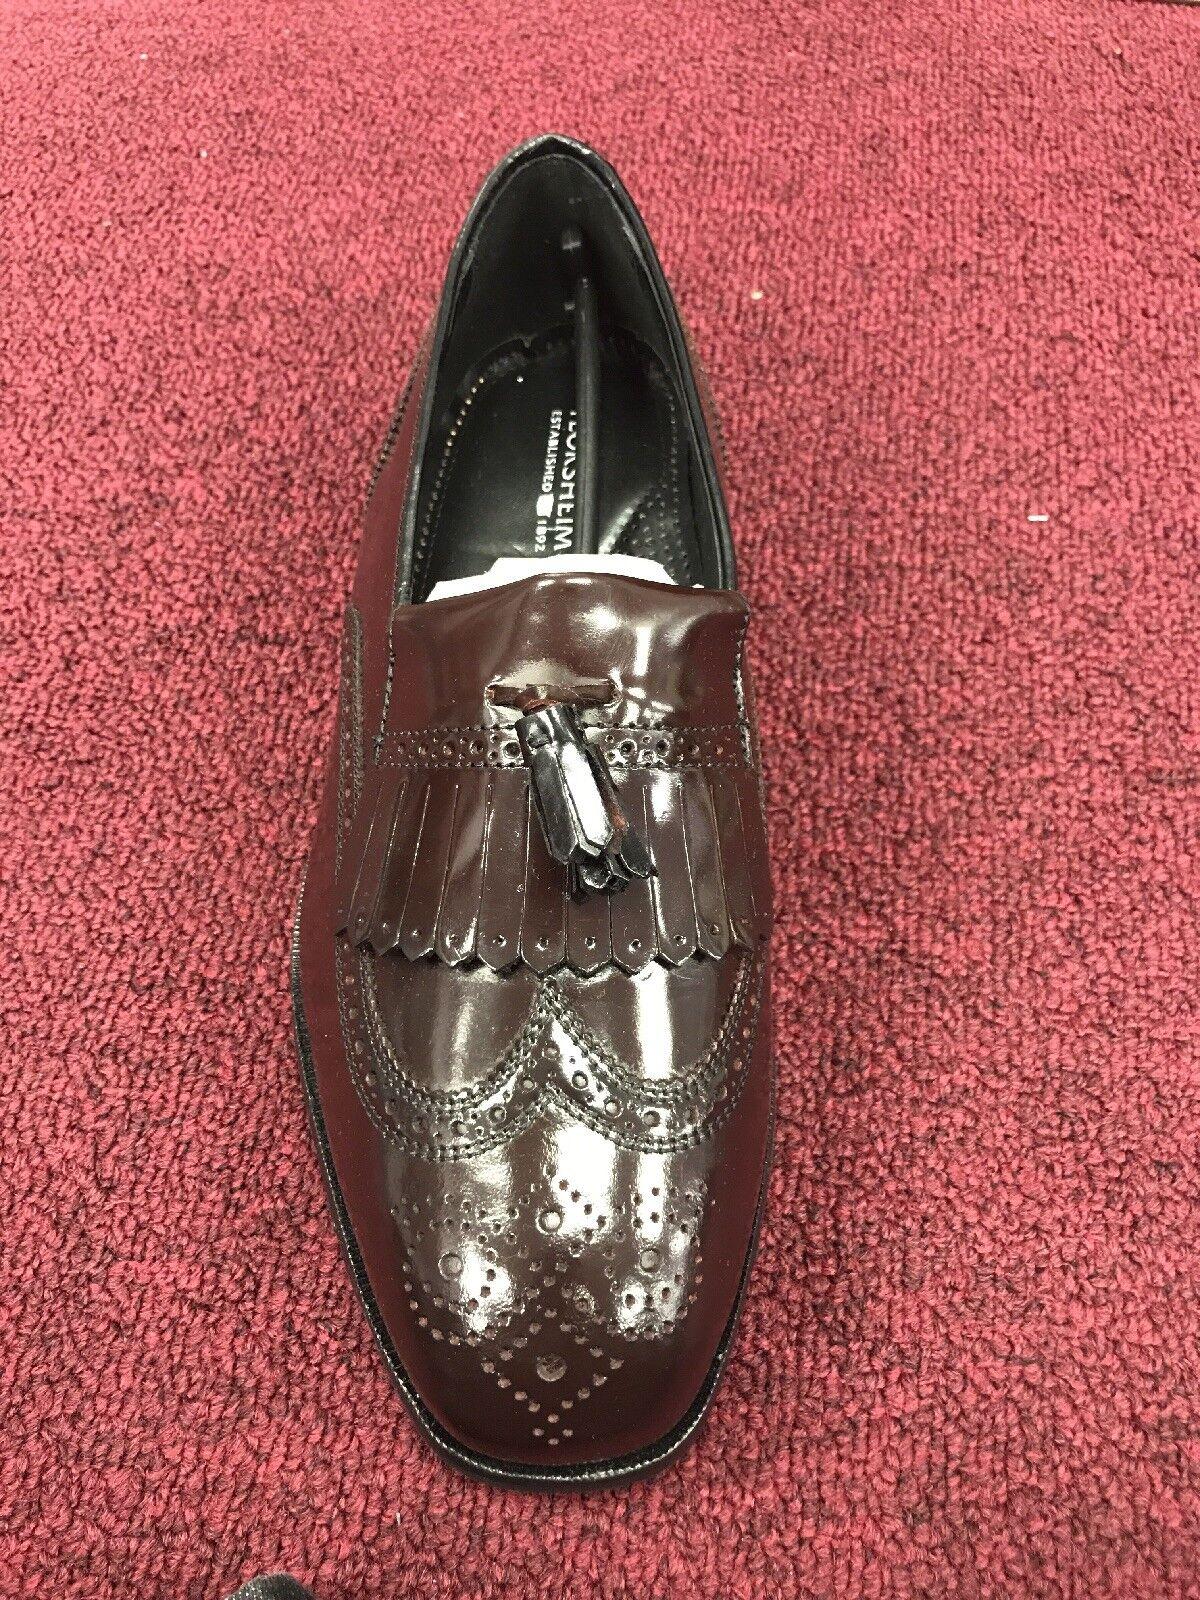 Florsheim Homme Chaussures Lexington Franges Mocassin bordeaux en cuir Classics 9 3E grand